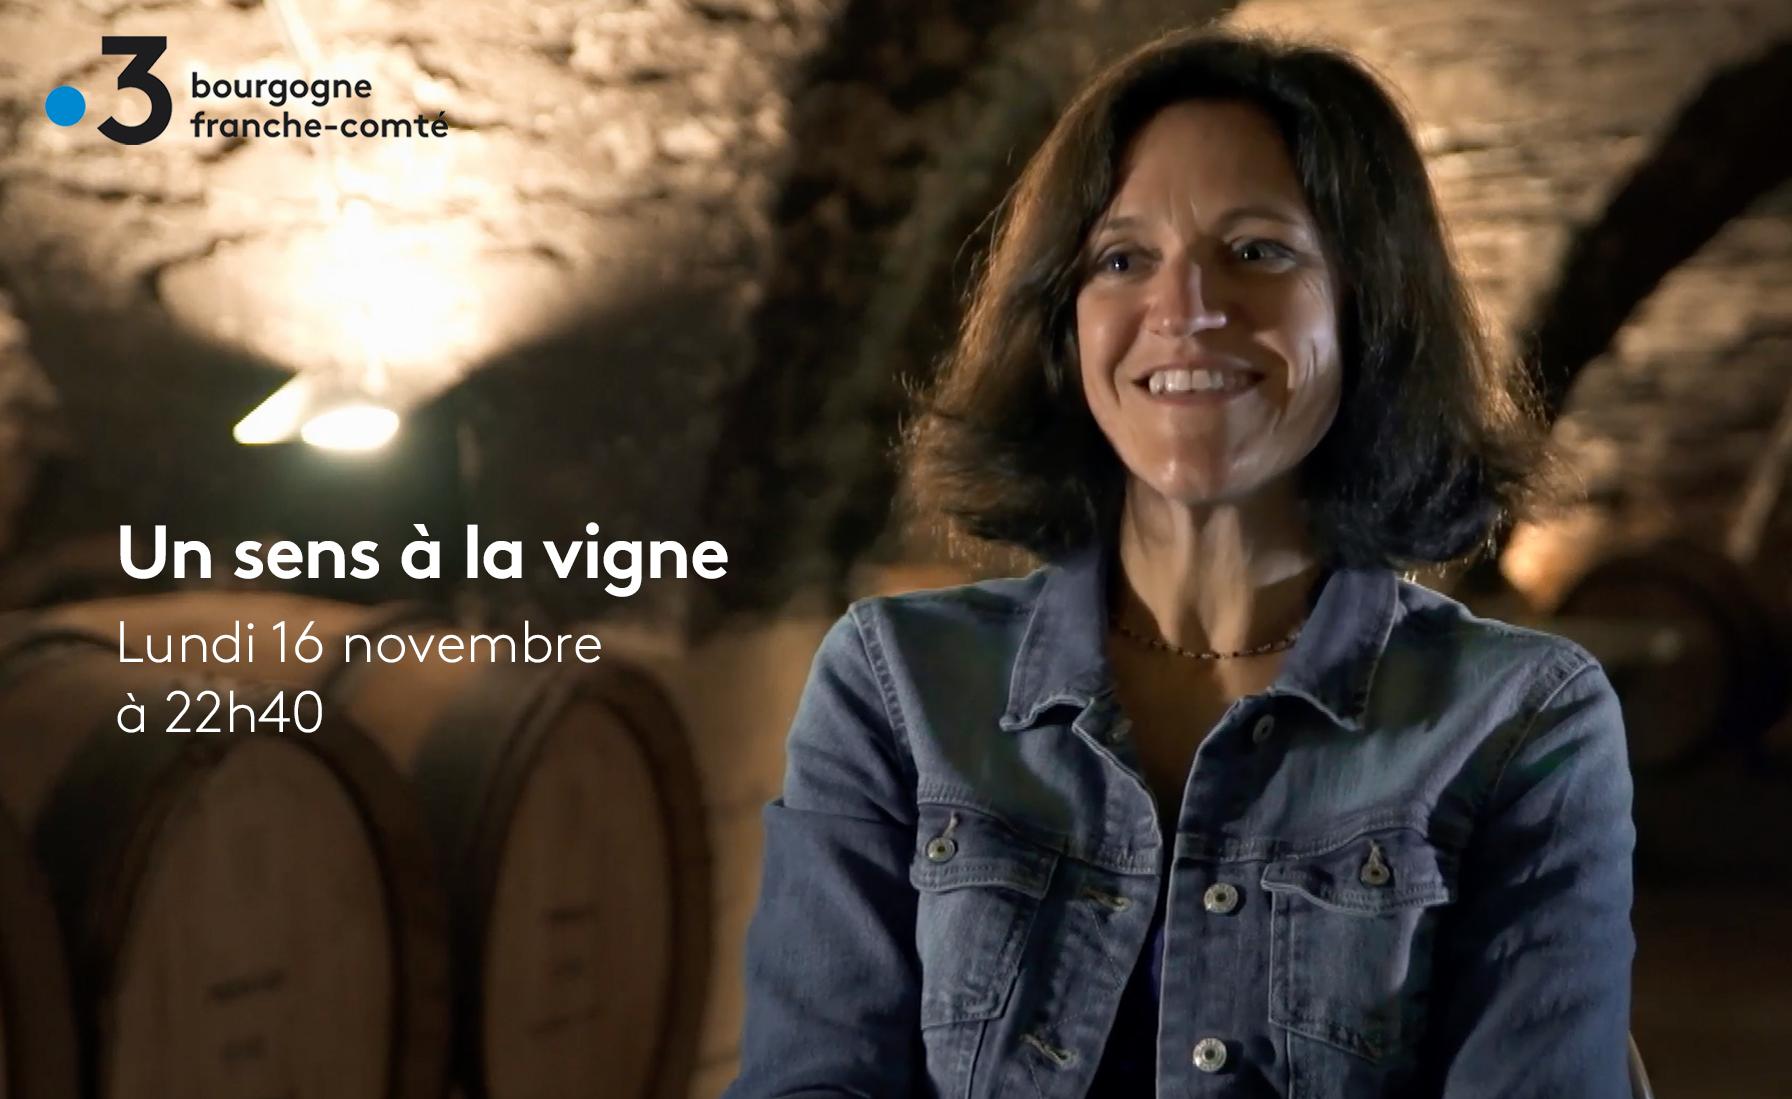 « Un sens à la vigne » :  France 3 BFC sort un documentaire inédit sur les Hospices de Beaune et sa vente aux enchères